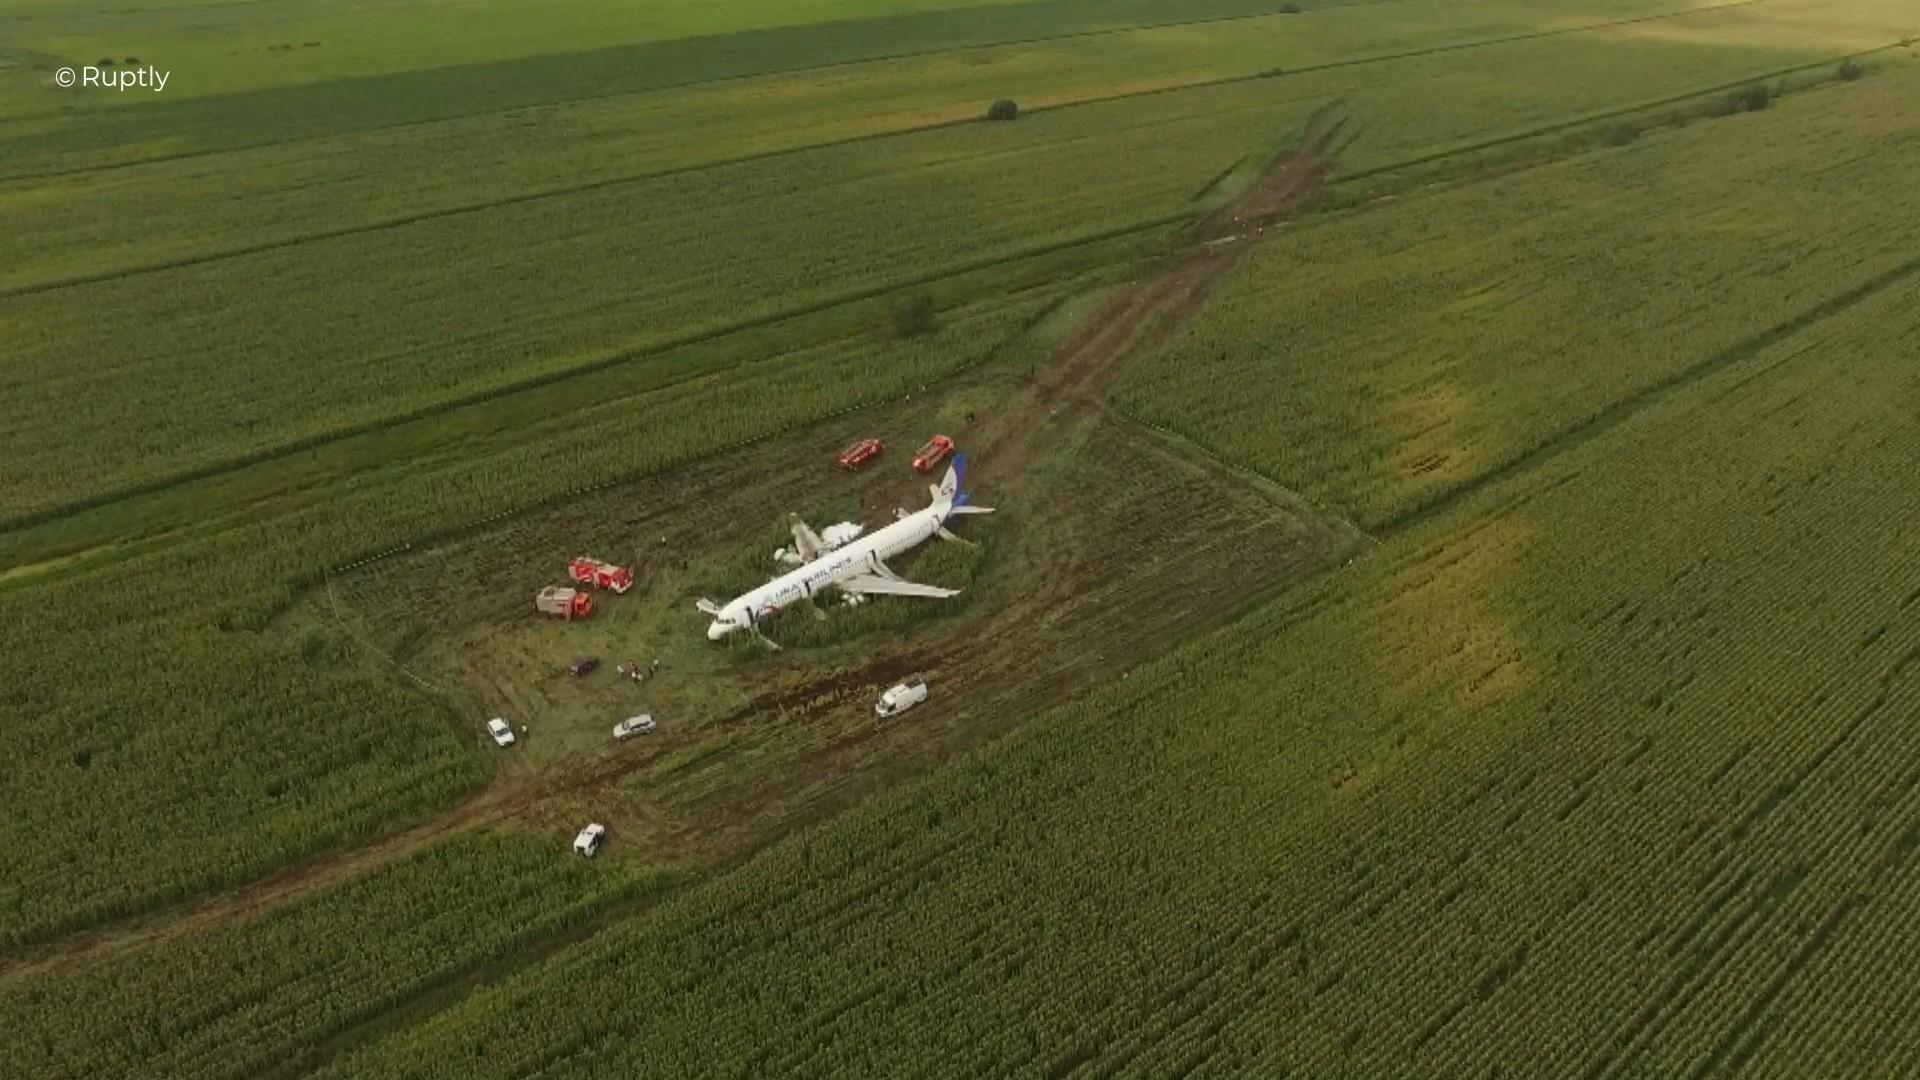 اللحظات الأولى لطائرة الركاب الروسية بعد هبوطها الاضطراري